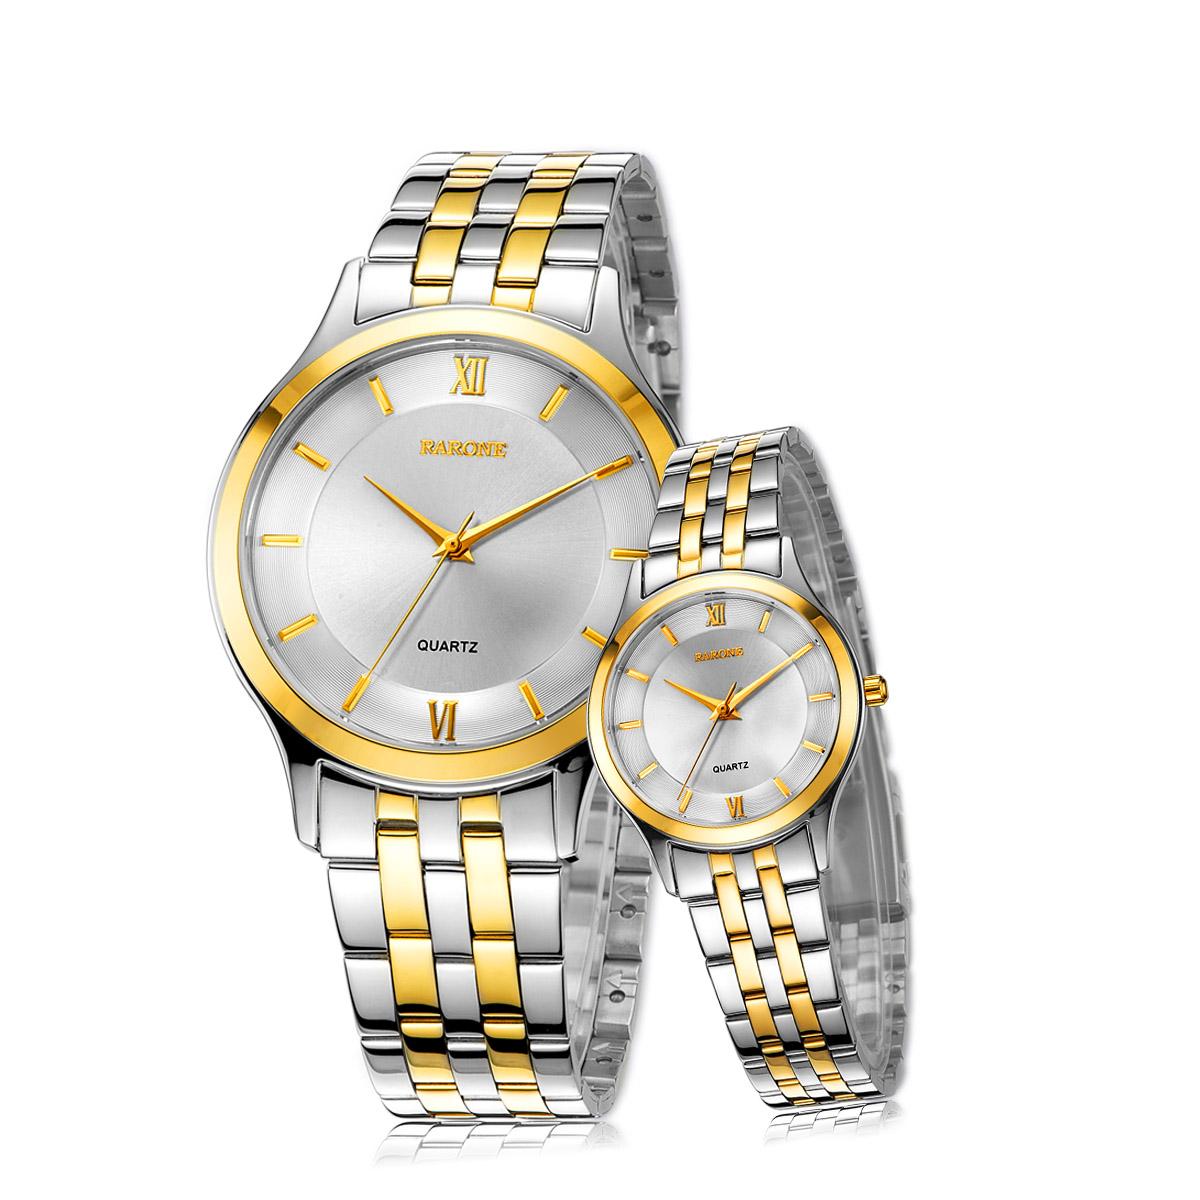 Часы Rarone 03056 рено rarone серии сон механических часов женские формы красного пояса 8670038019548